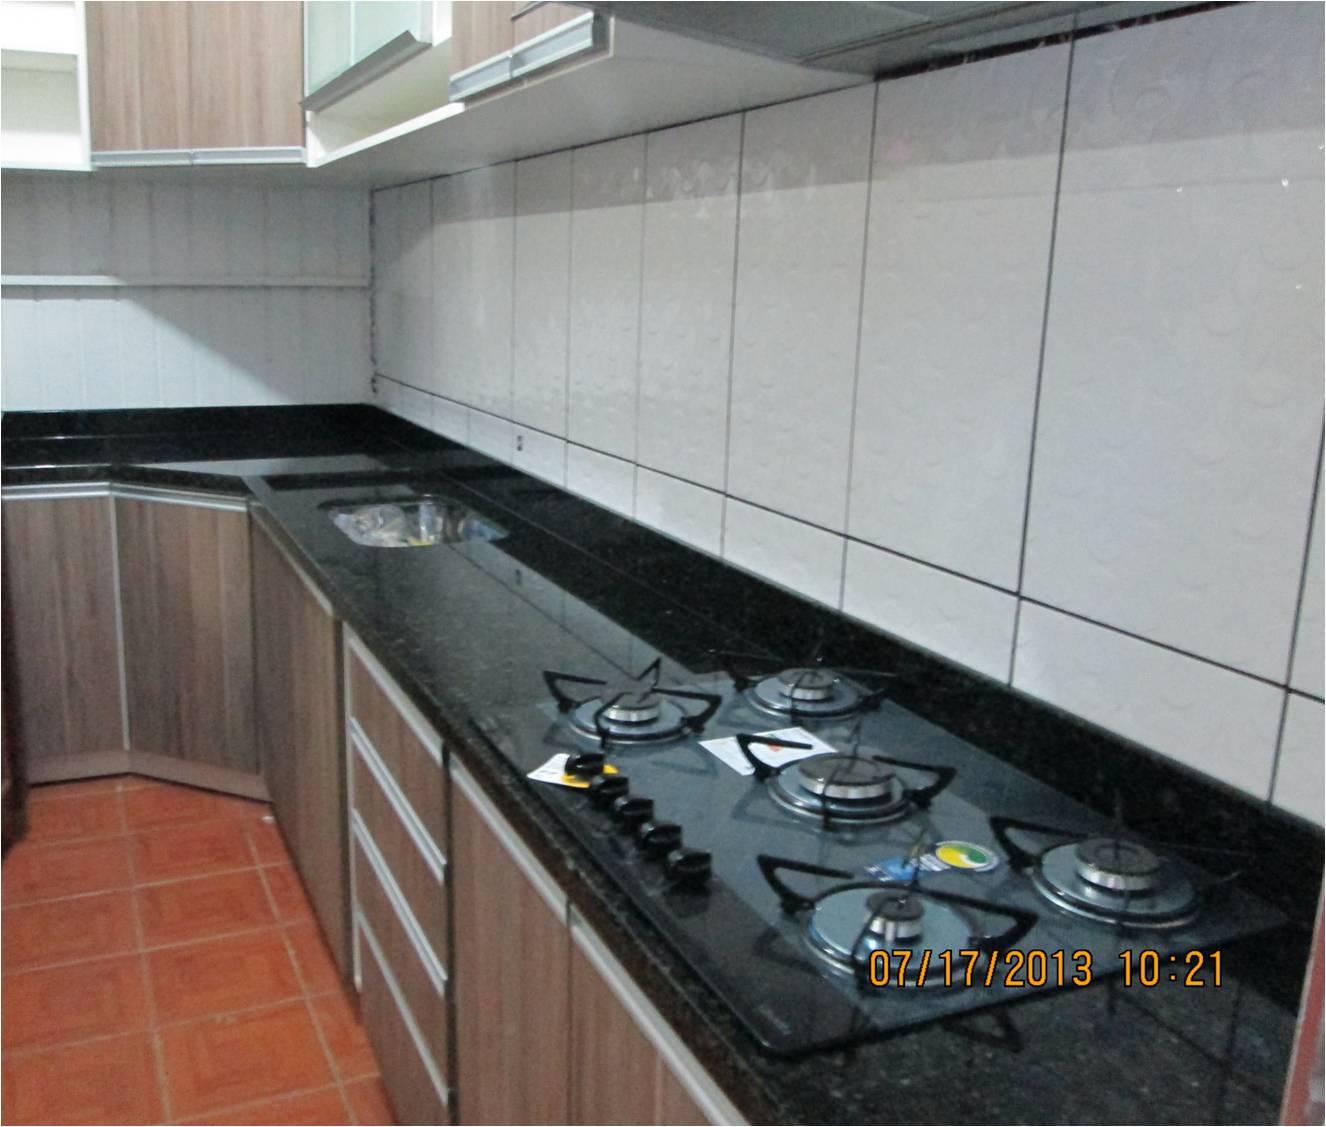 MARMORARIA CARDOZO: Bancada de Cozinha em Granito Verde Ubatuba. #7E4E3F 1326 1127